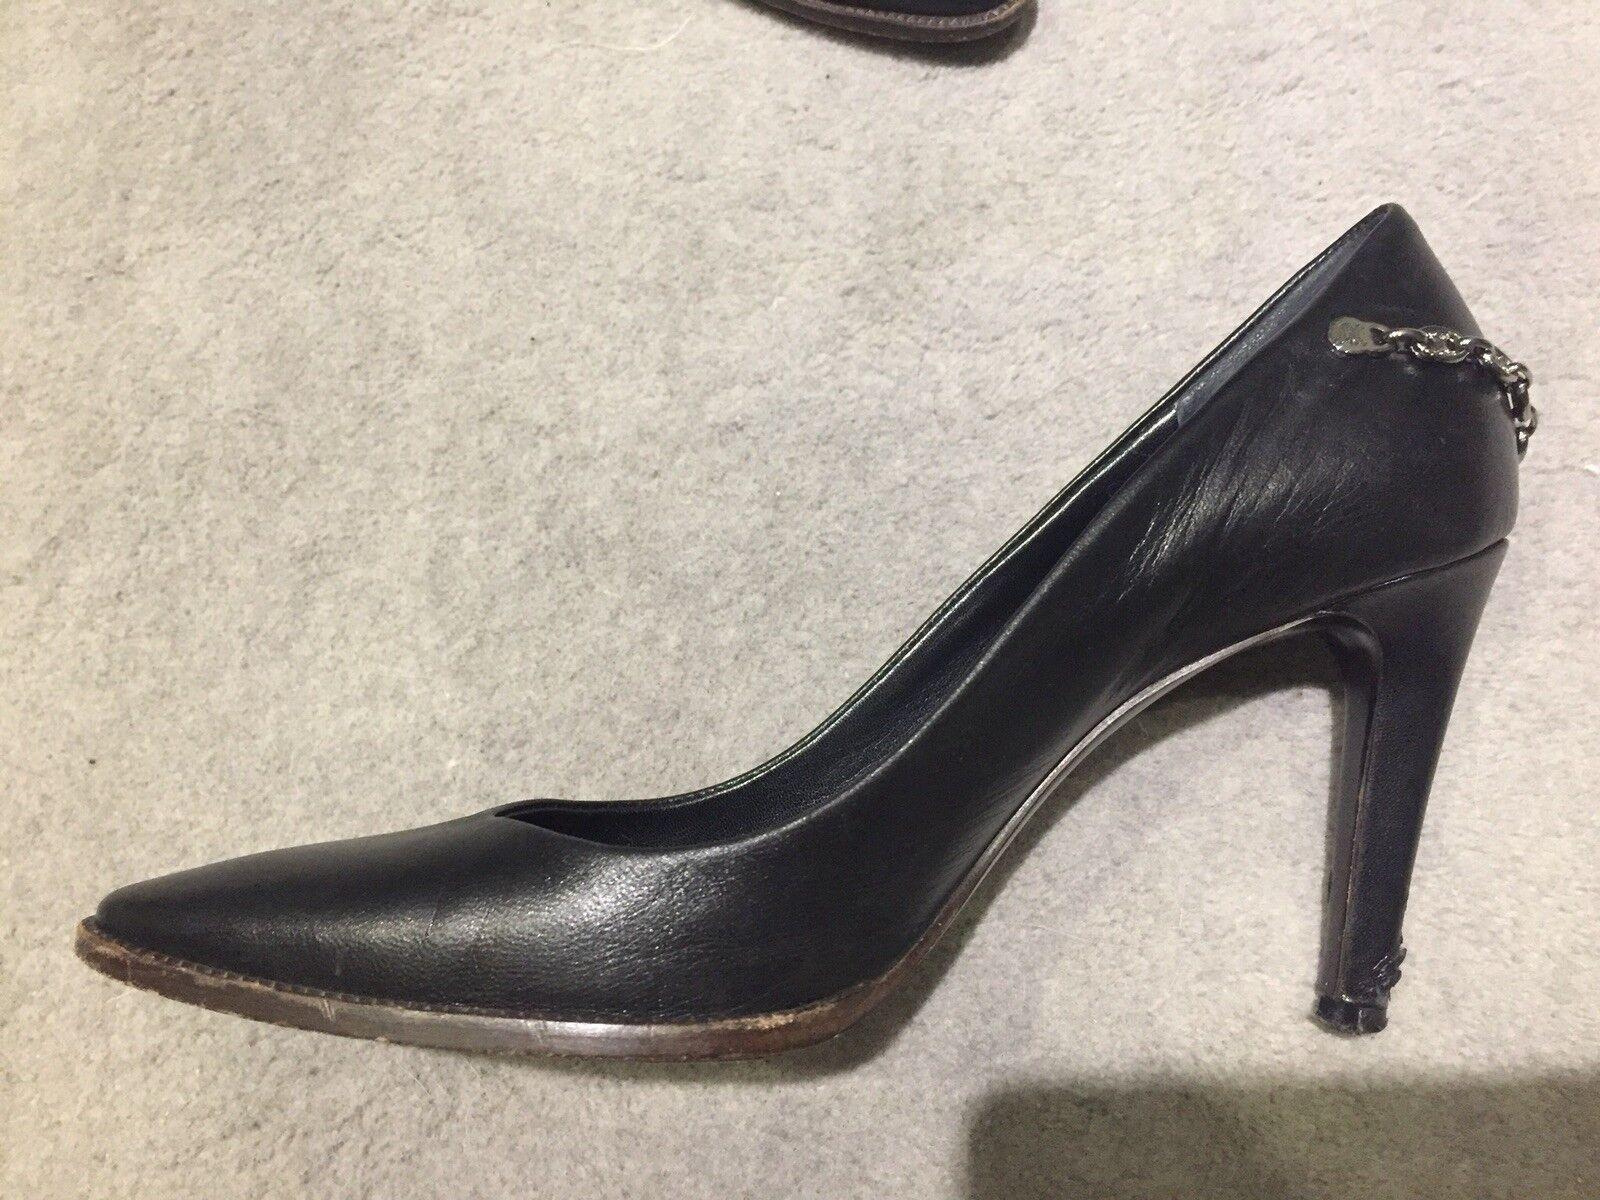 CELINE Heels UK 4.5 4.5 4.5 (37.5) - rtp 4e7047